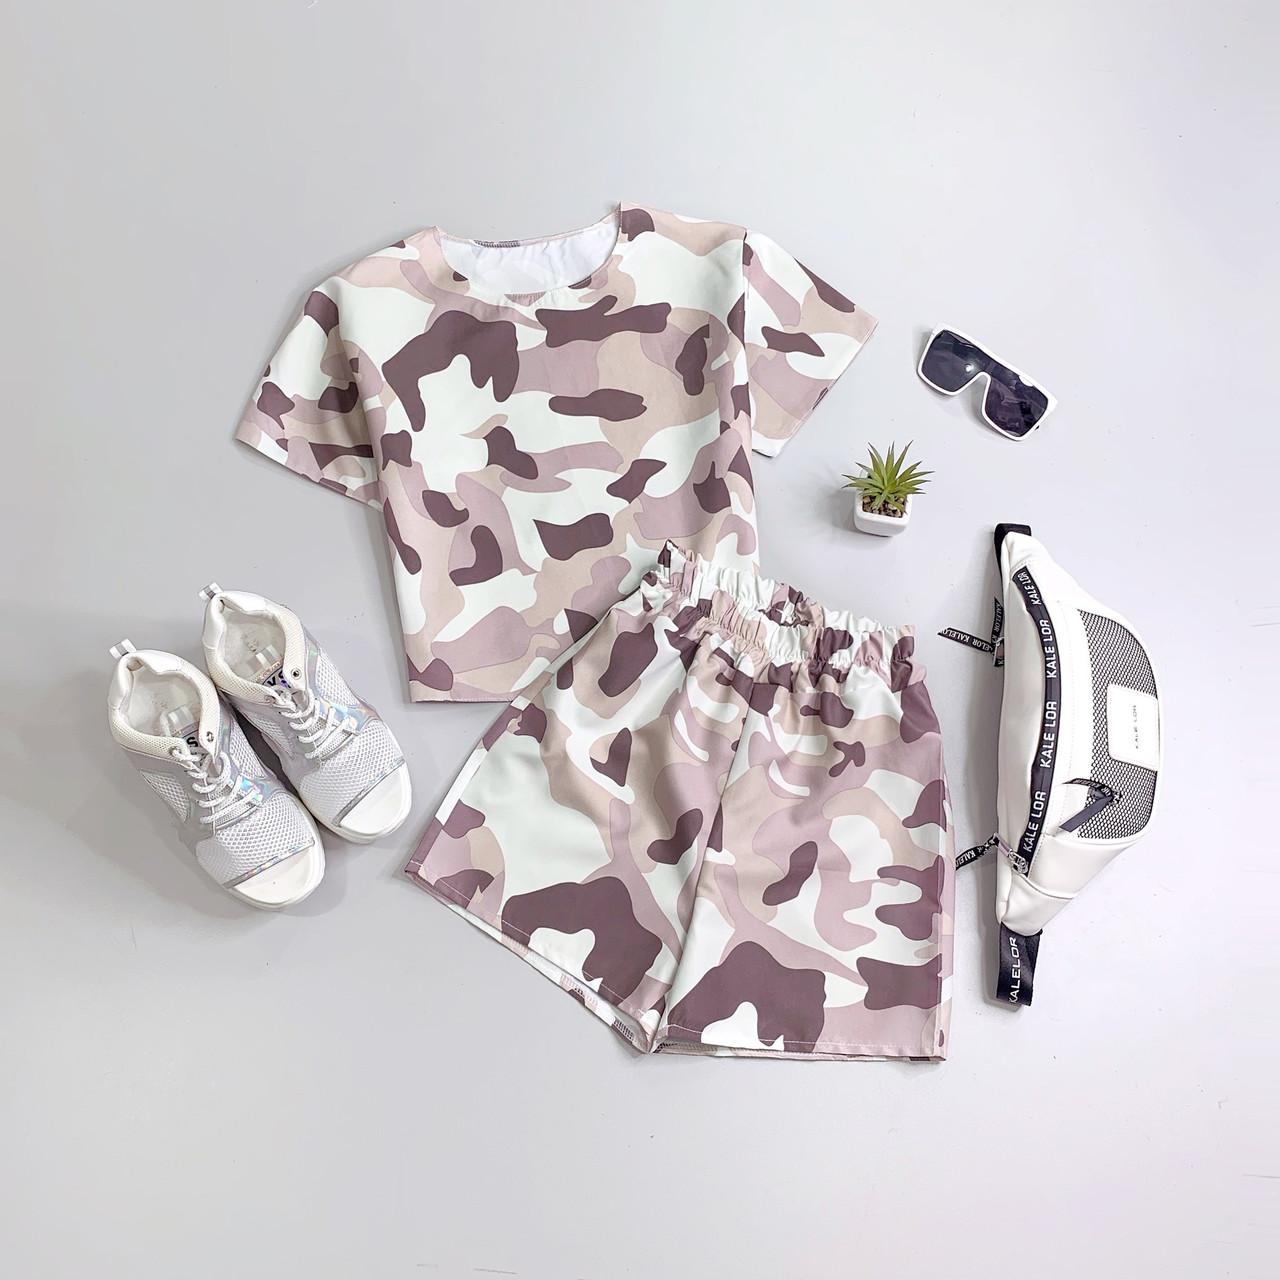 Женский спортивный летний костюм милитари с футболкой и шортами 66spt944Е